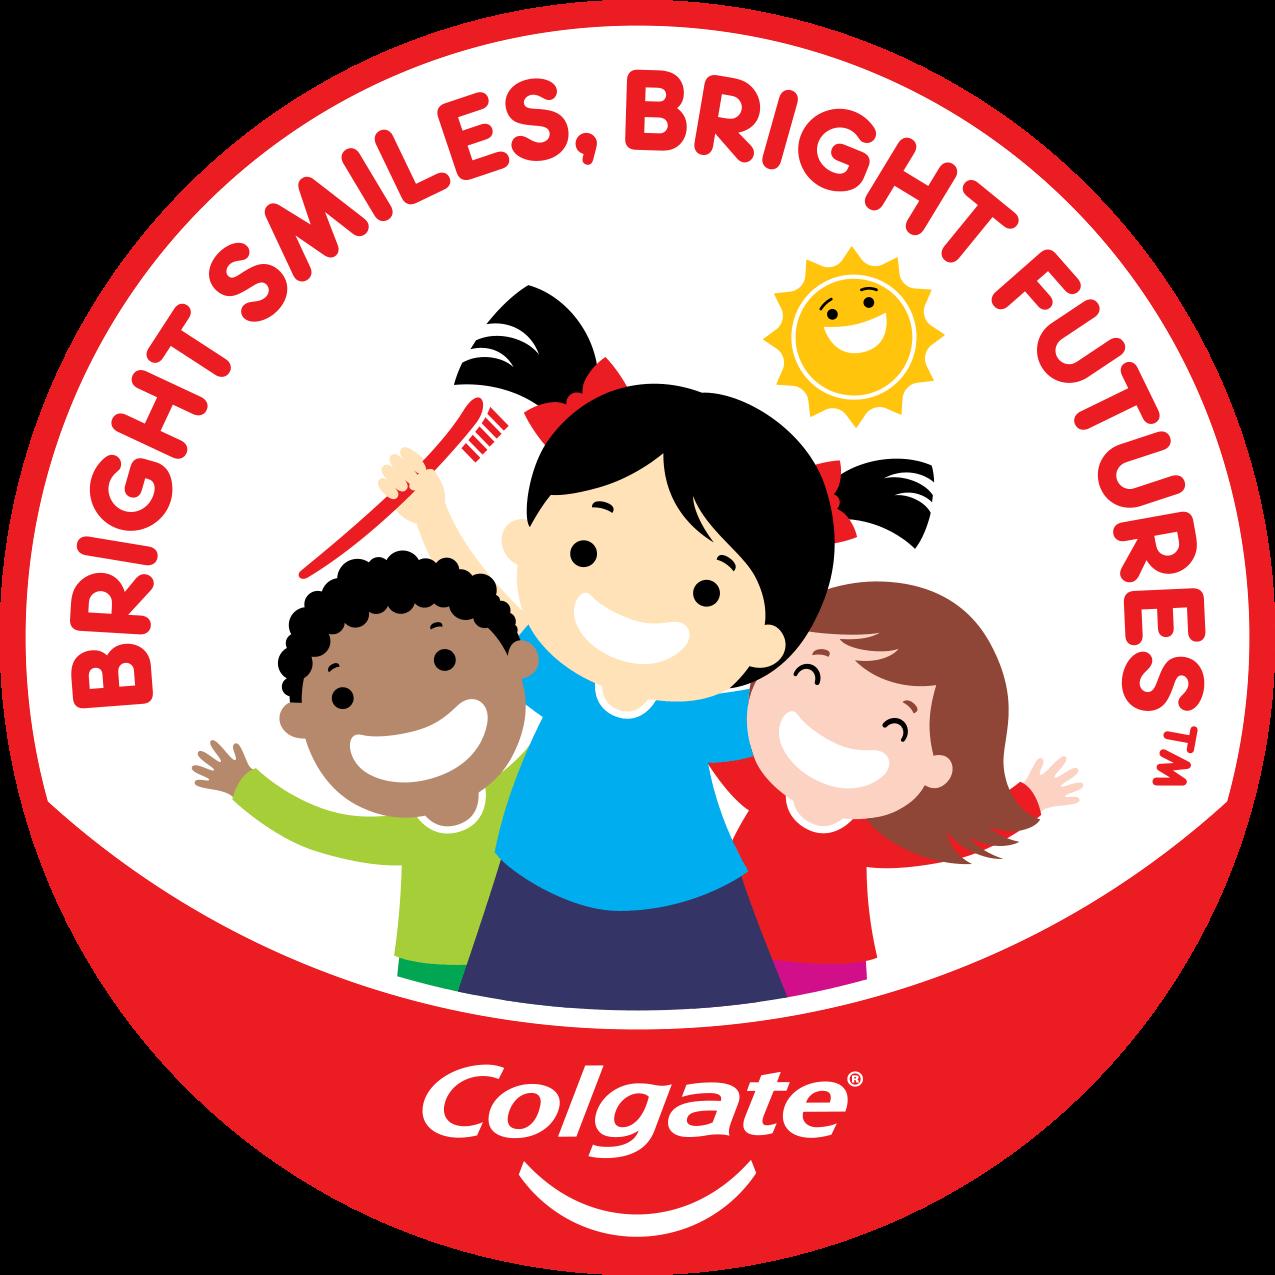 sonrisas brillantes futuros brillantes